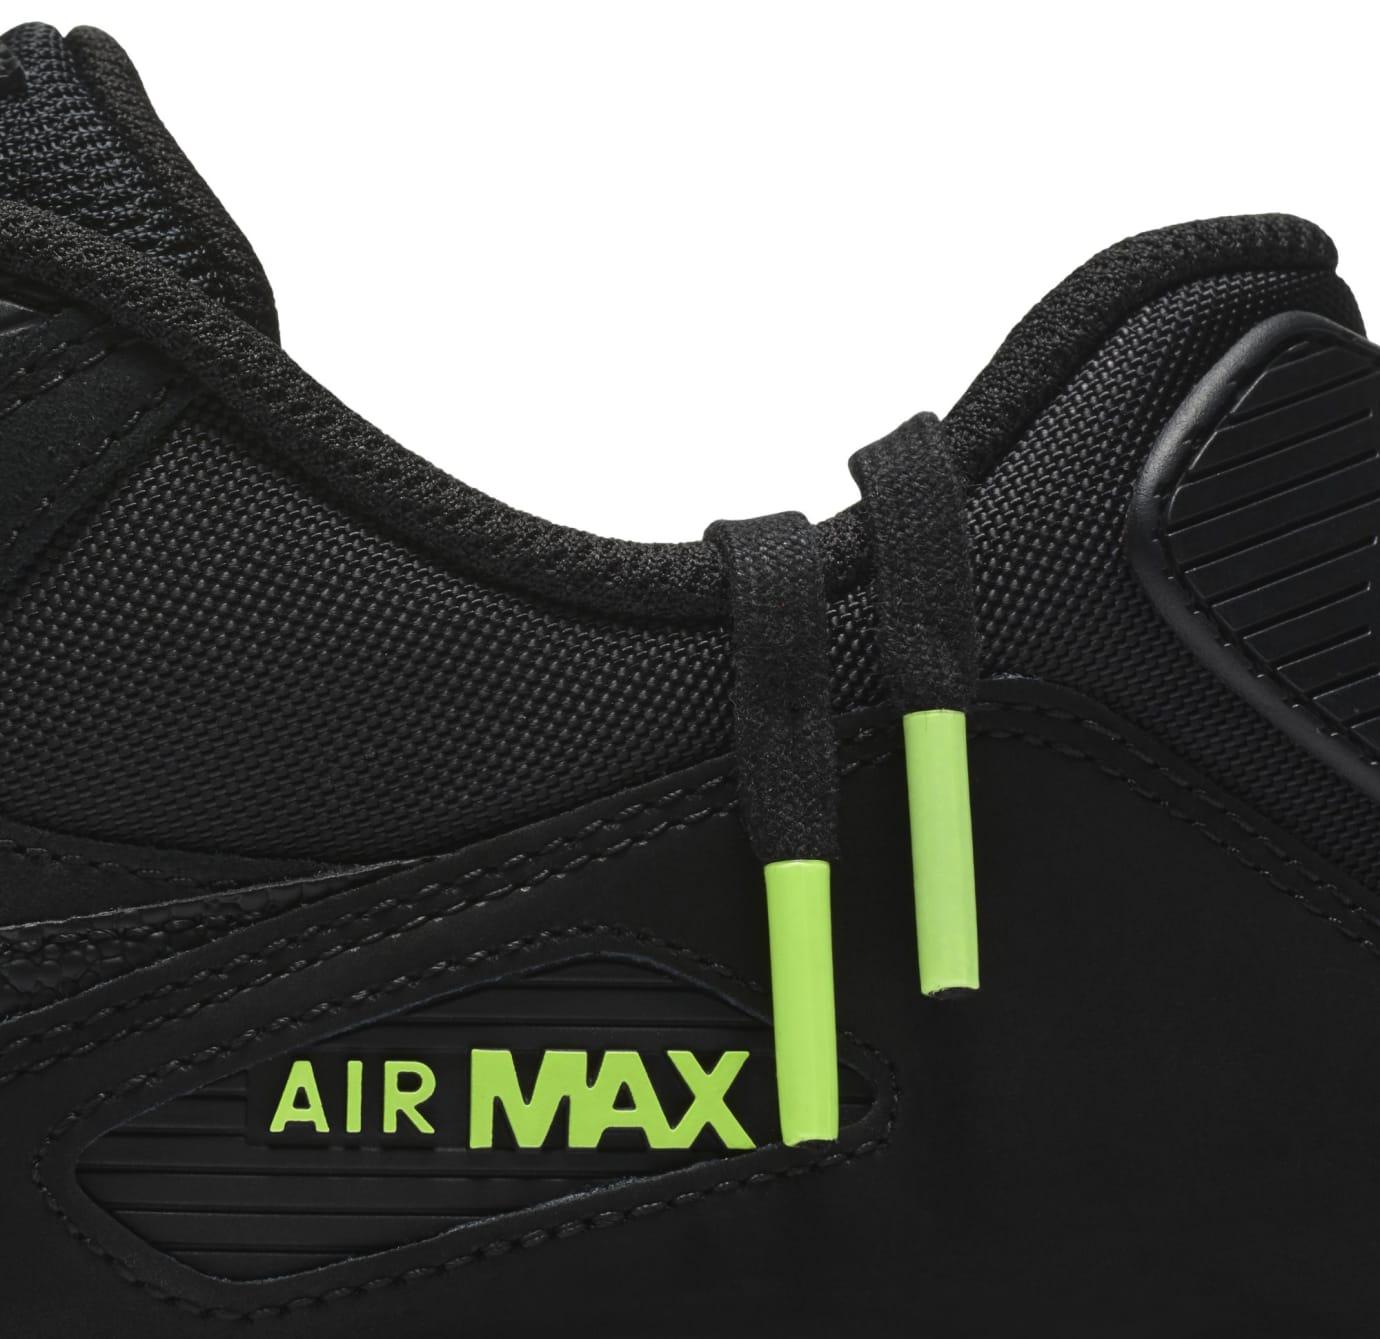 Nike Air Max 90 'Black/Volt' AQ6101-001 (Detail)